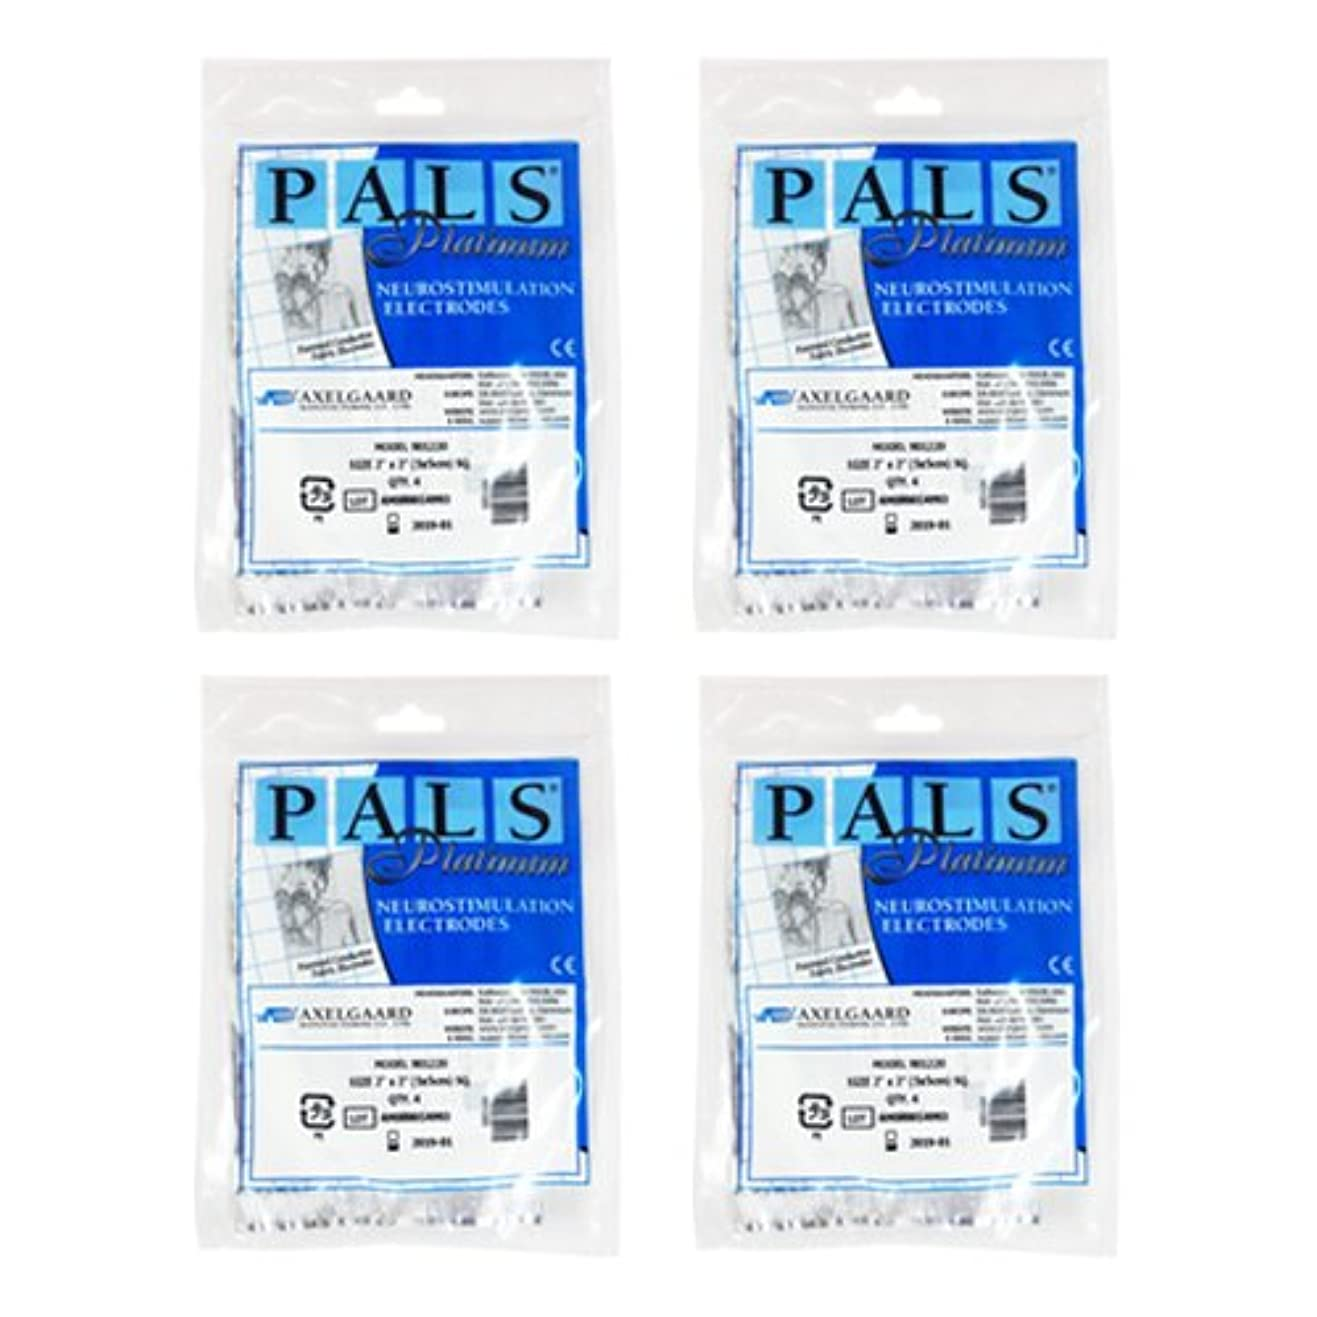 デコレーション和らげる洗剤敏感肌用アクセルガード ブルー Mサイズ × 4セット 【EMS用粘着パッド】